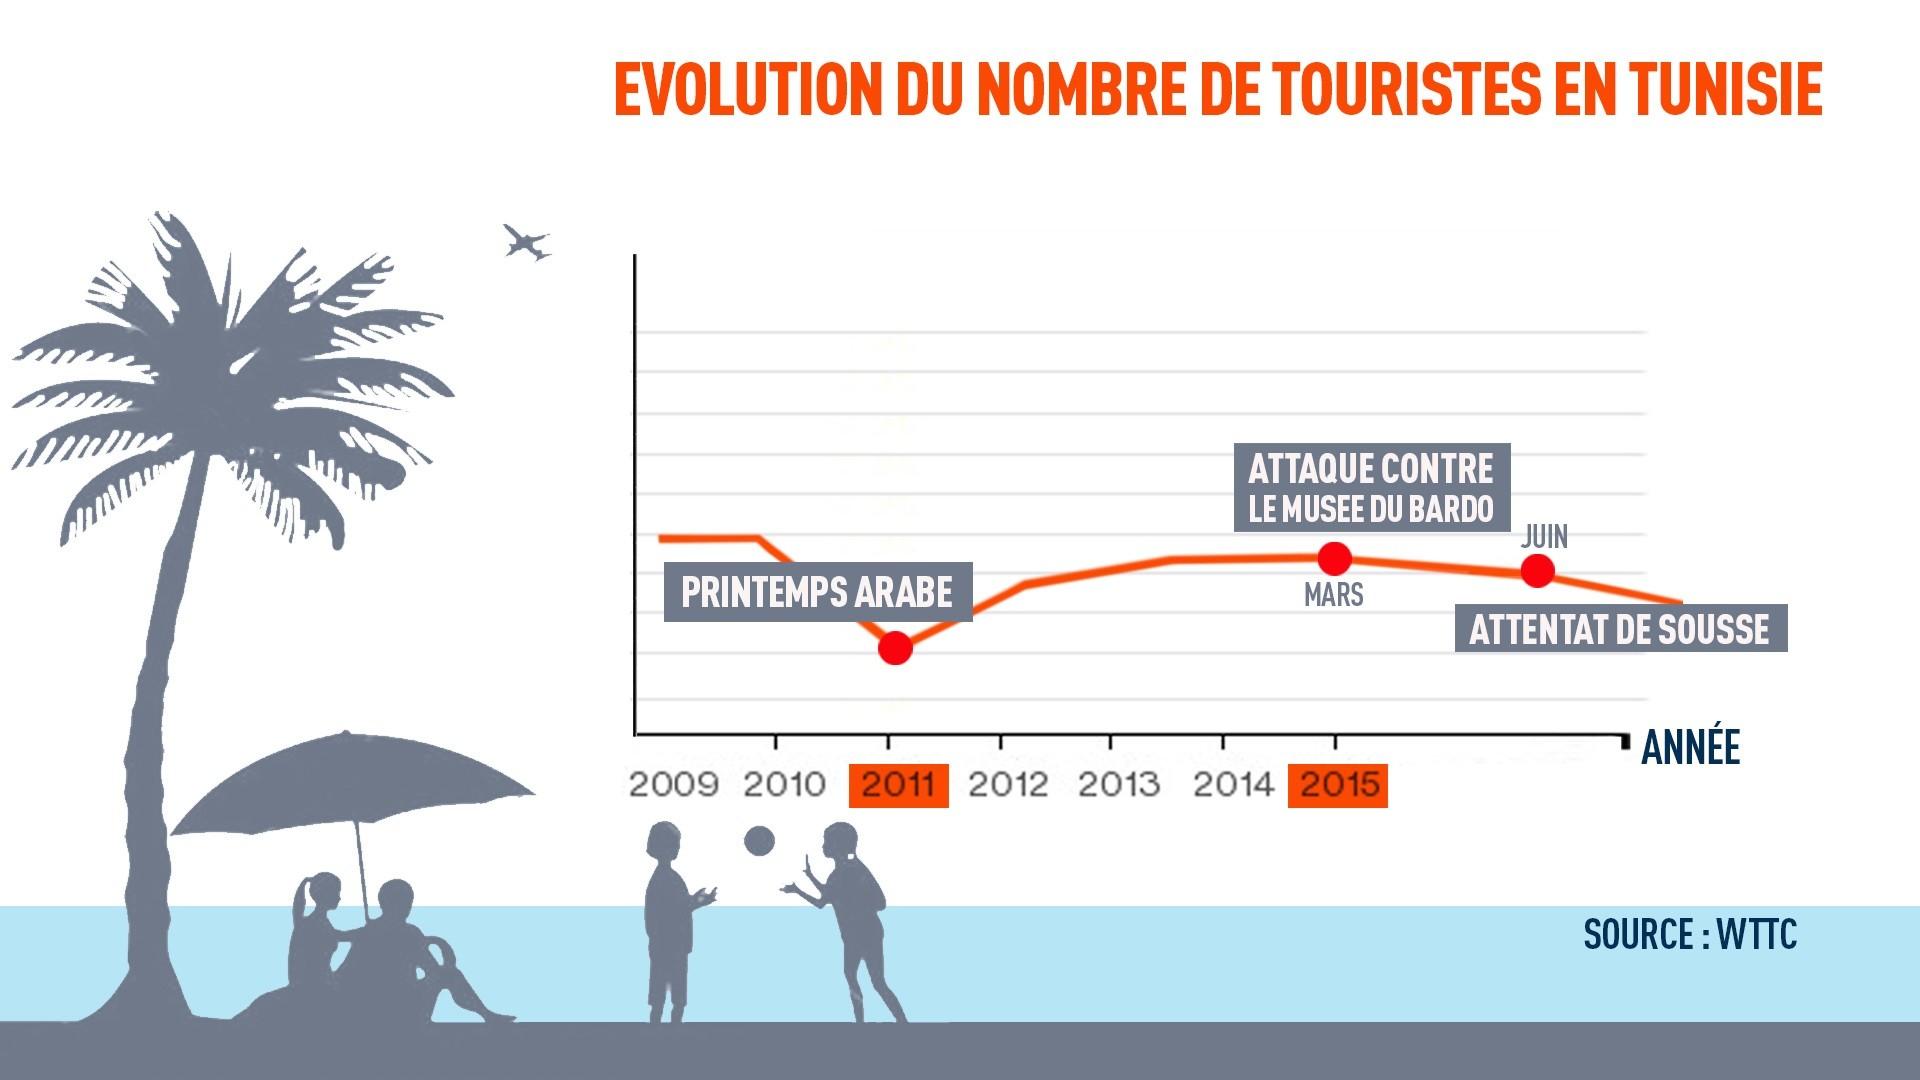 Egypte, Tunisie, France... Quel impact économique pour les pays touchés par le terrorisme ?